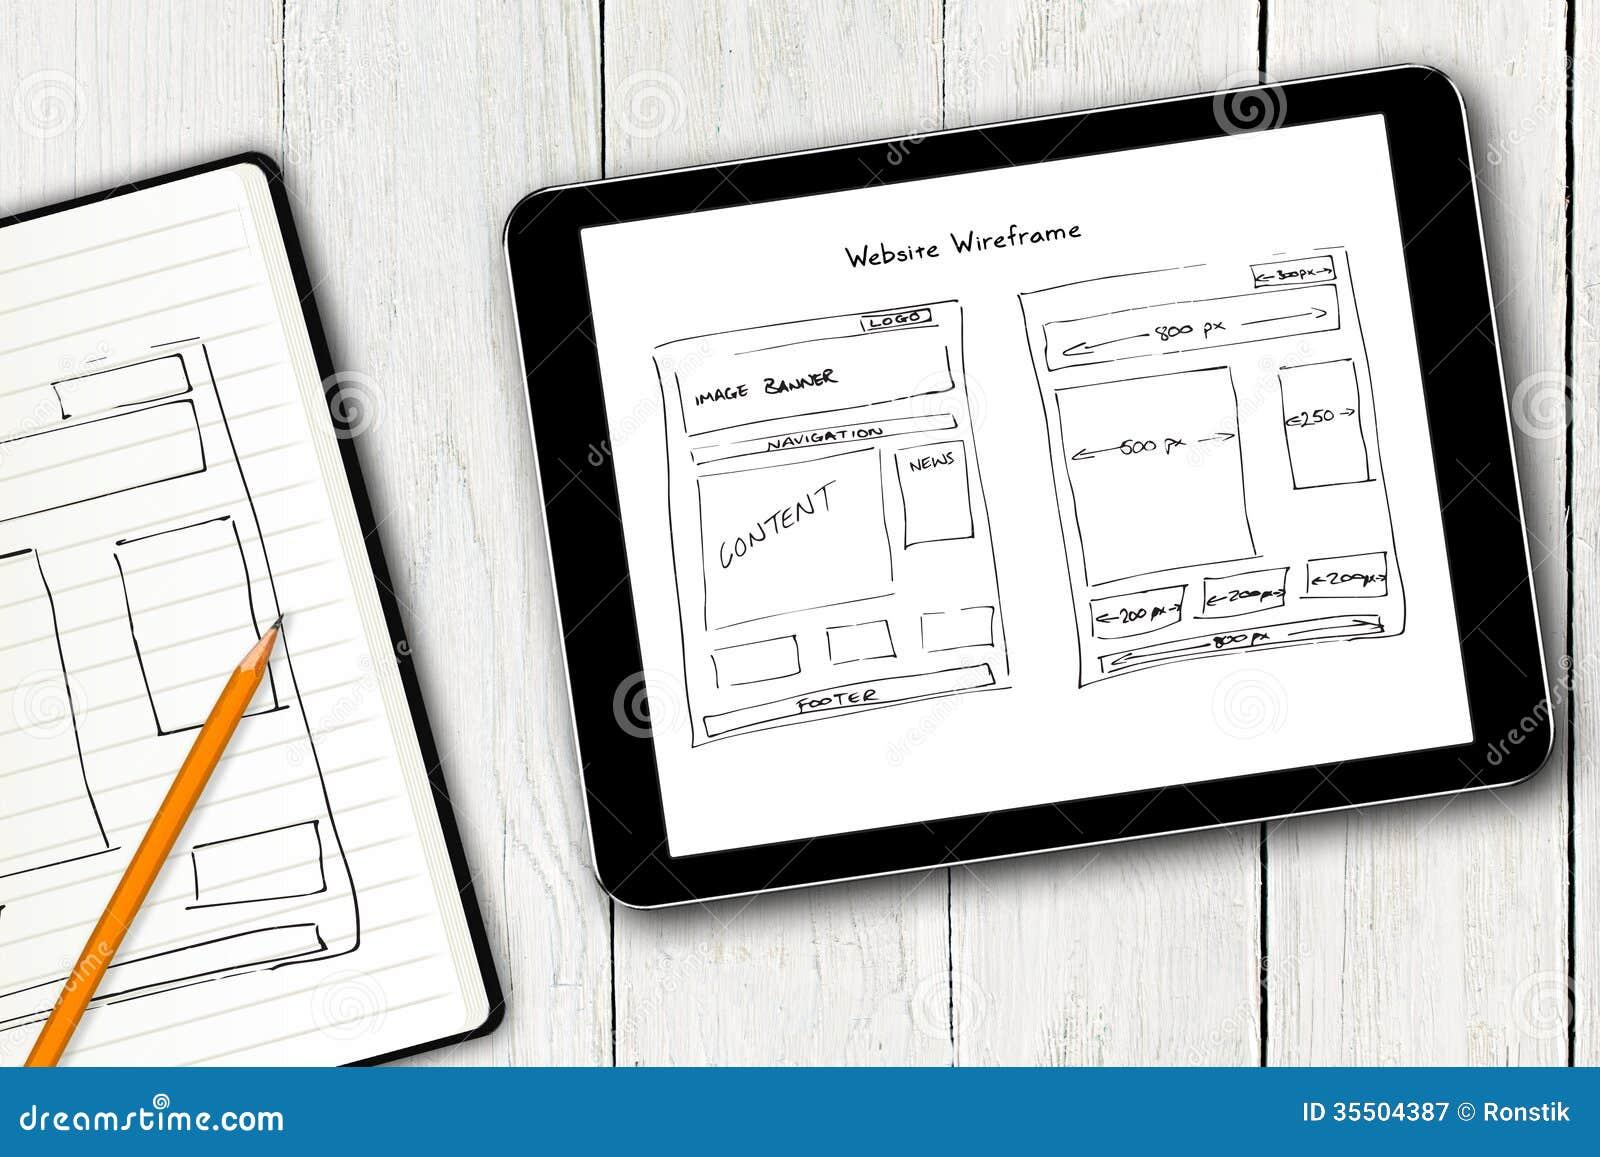 Websitewireframe skissar på den digitala minnestavlaskärmen